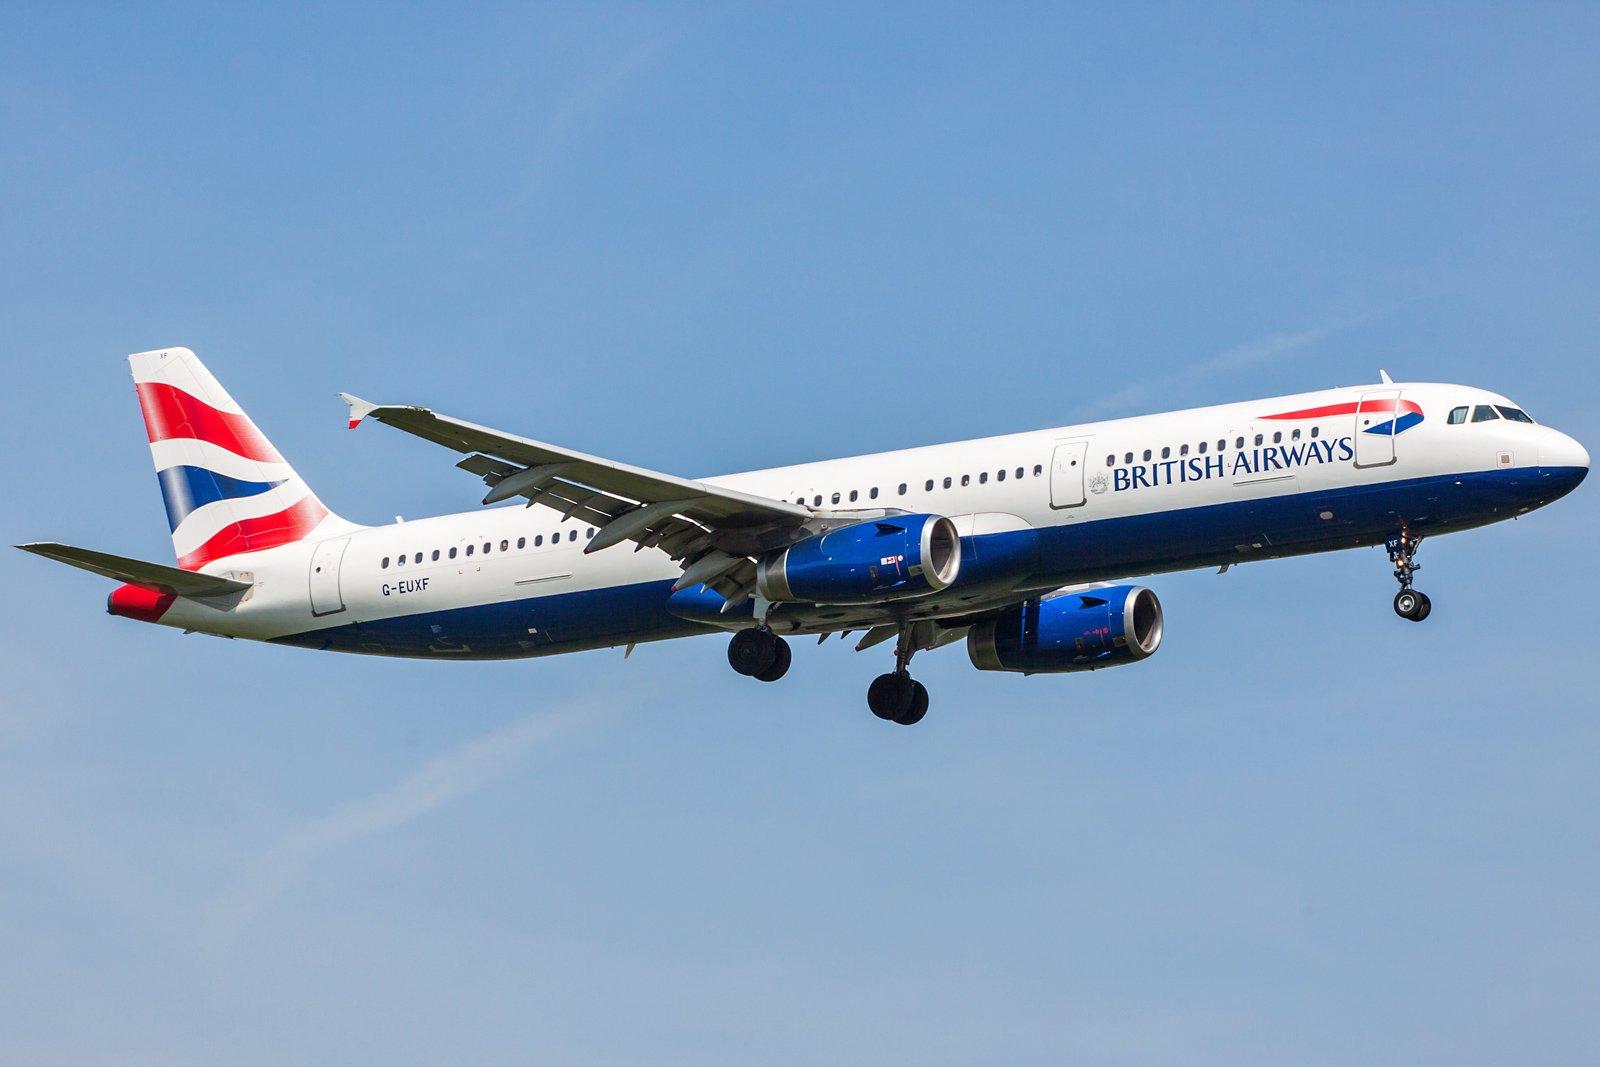 British Airways Airbus A321-231 G-EUXF